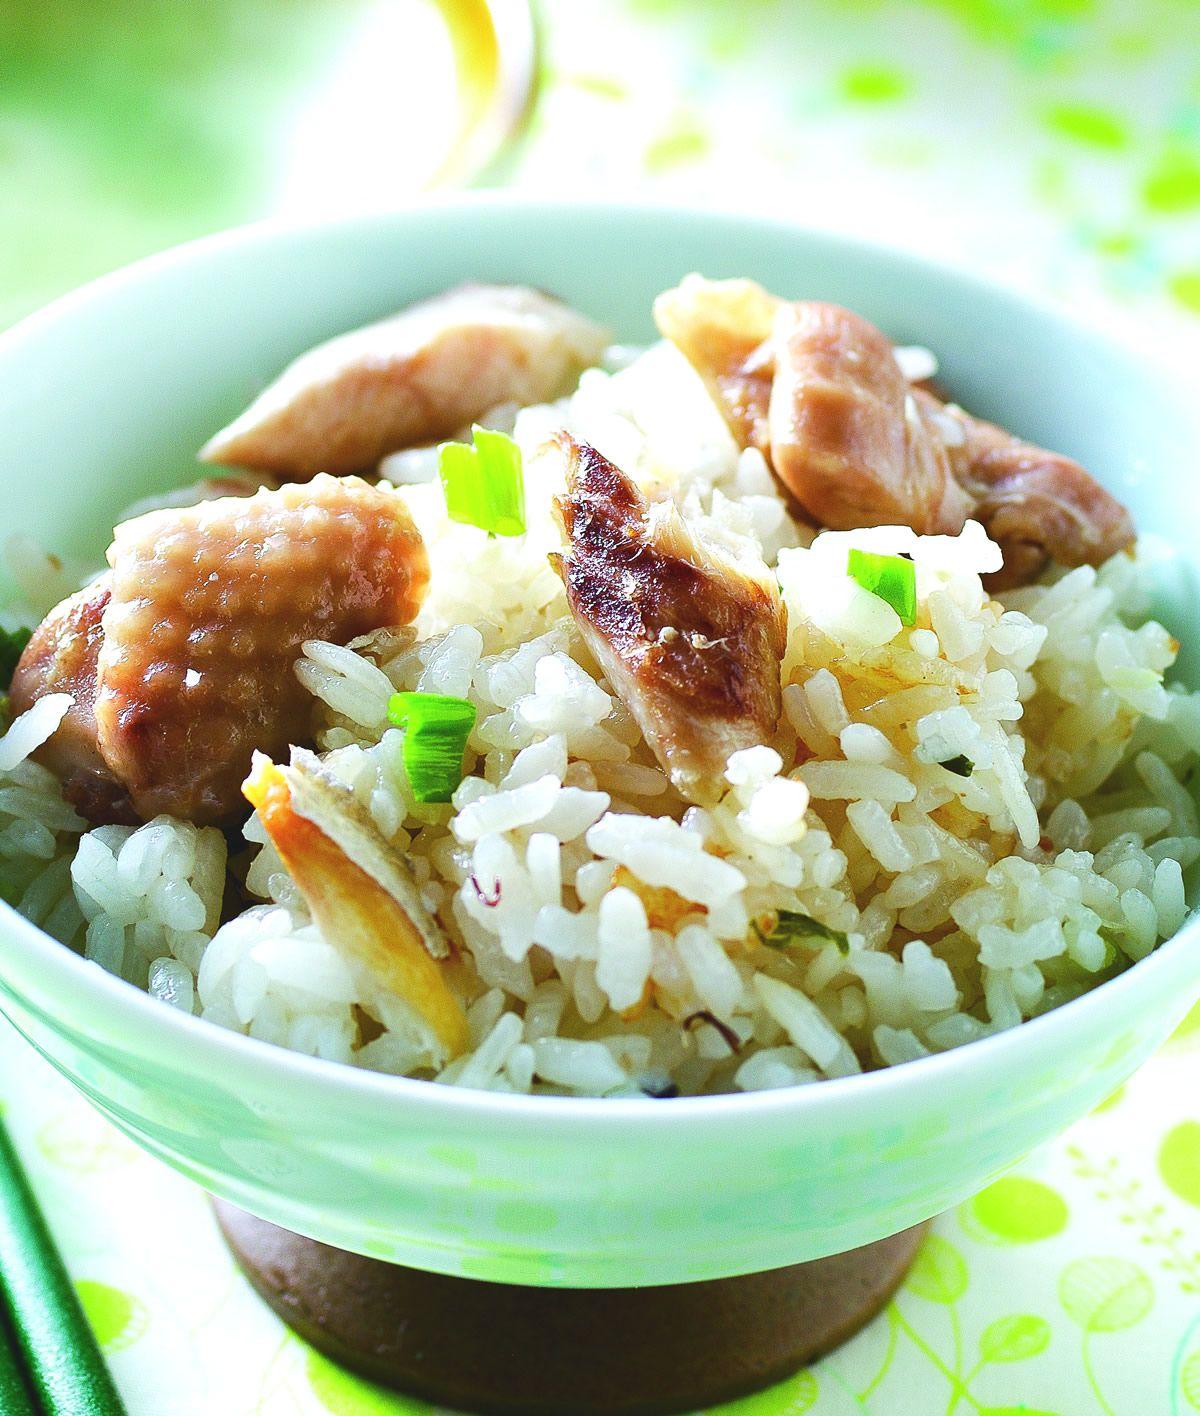 食譜:鹹魚雞粒飯